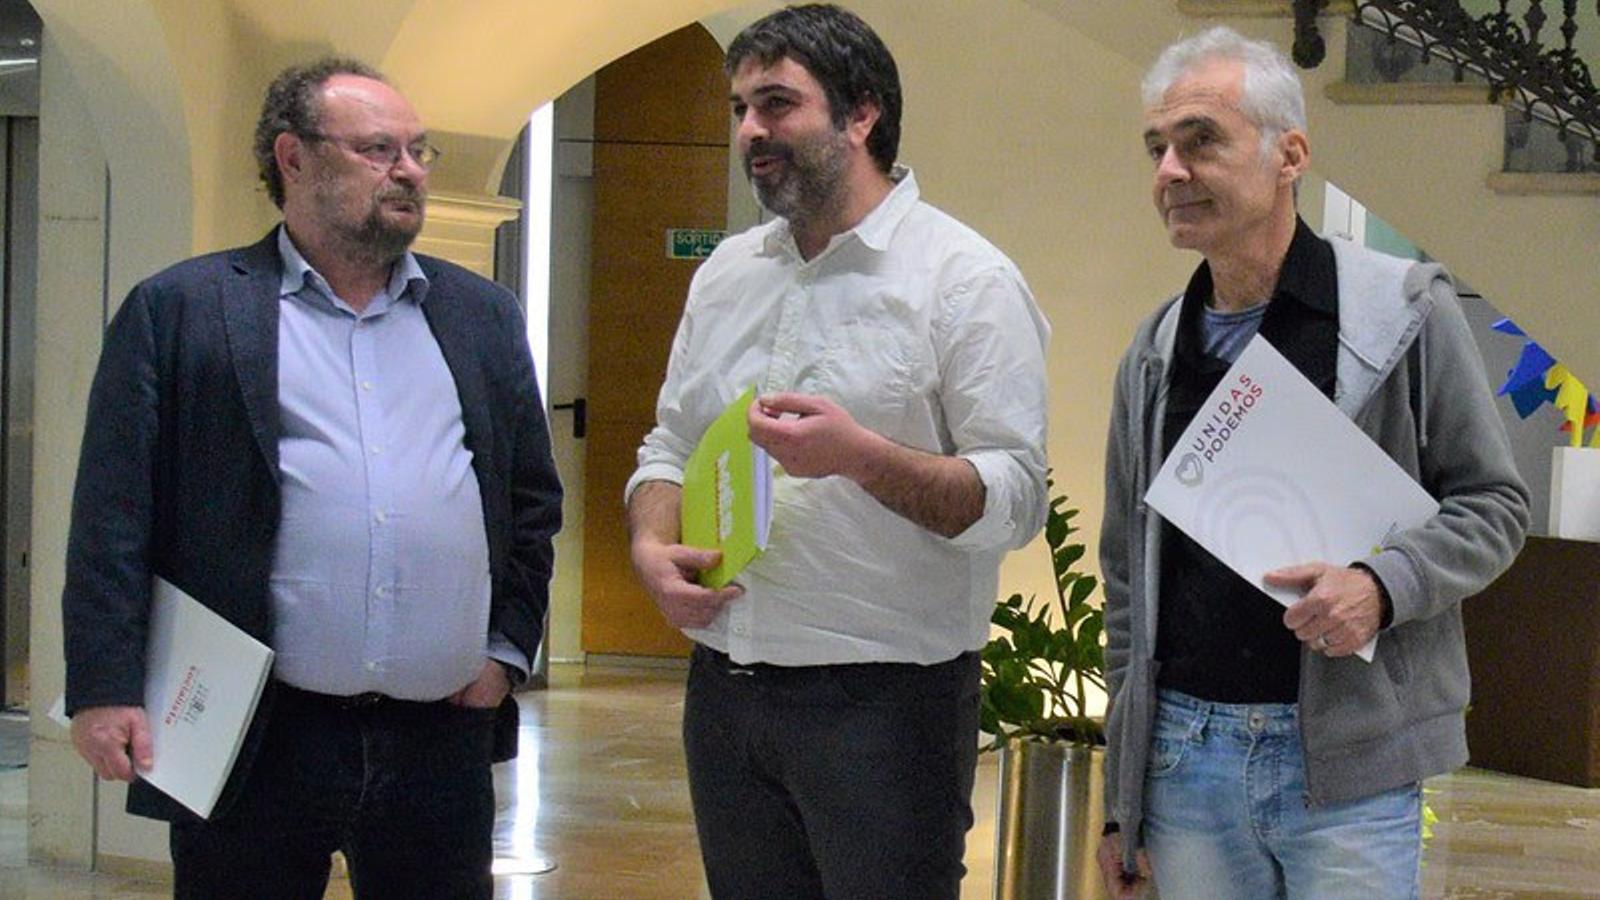 Els partits del Pacte fan un front comú per rebutjar l'ampliació de l'aeroport de Palma